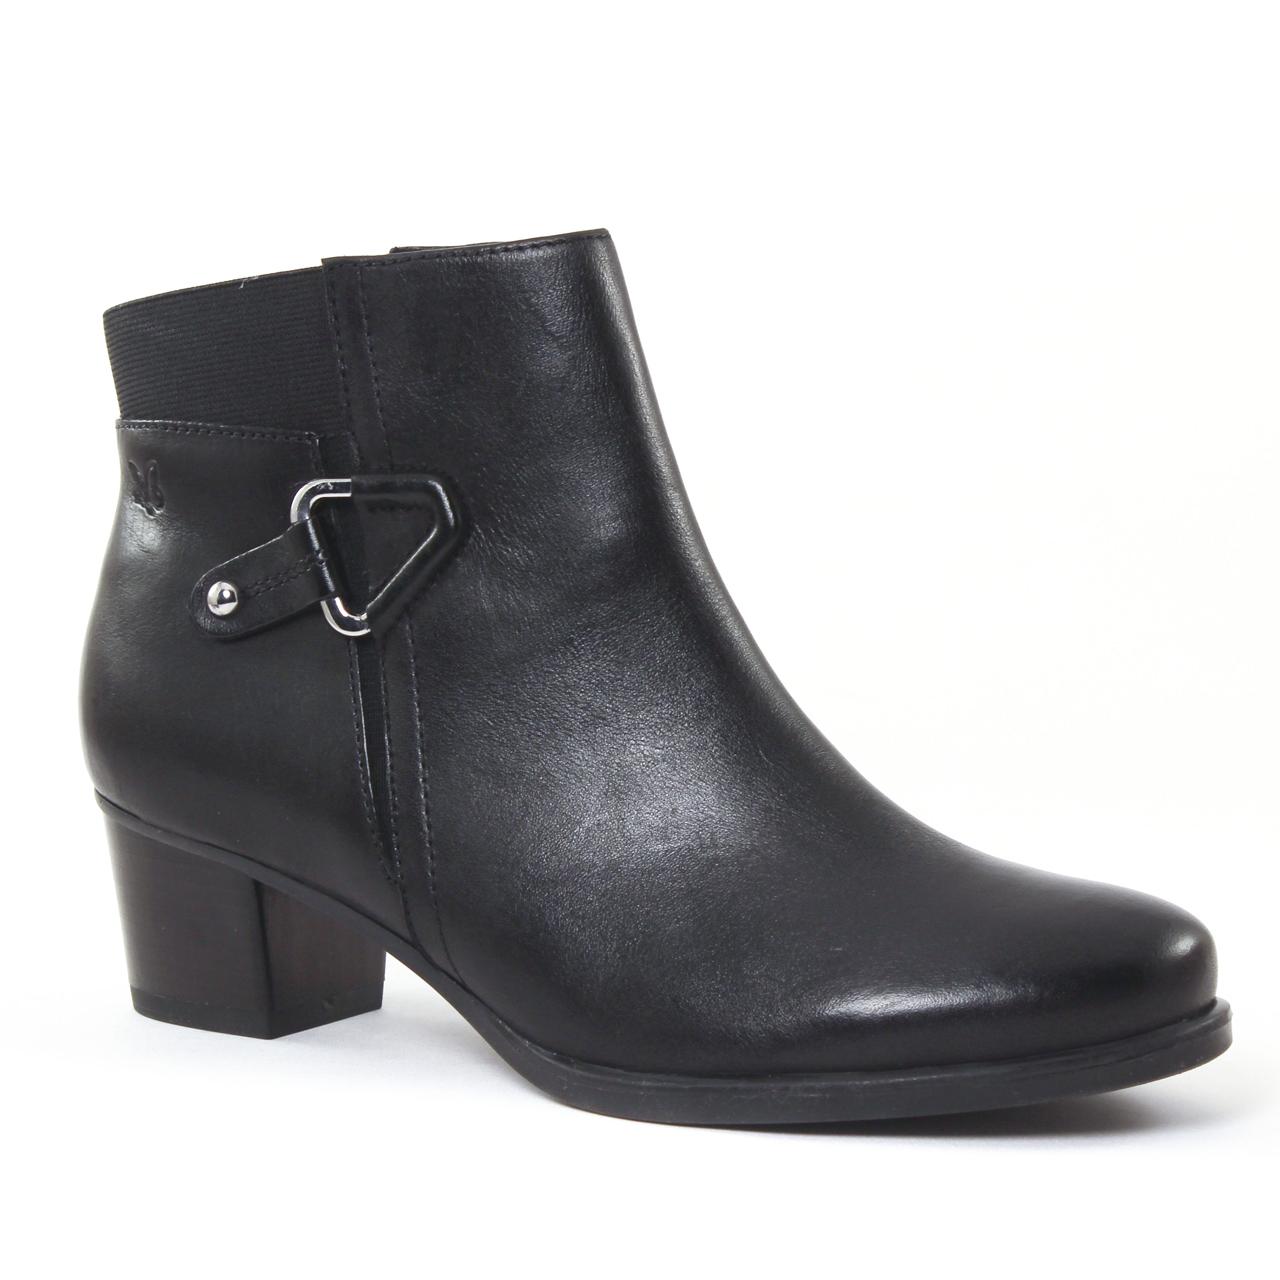 caprice 25348 black boot talon noir automne hiver chez trois par 3. Black Bedroom Furniture Sets. Home Design Ideas